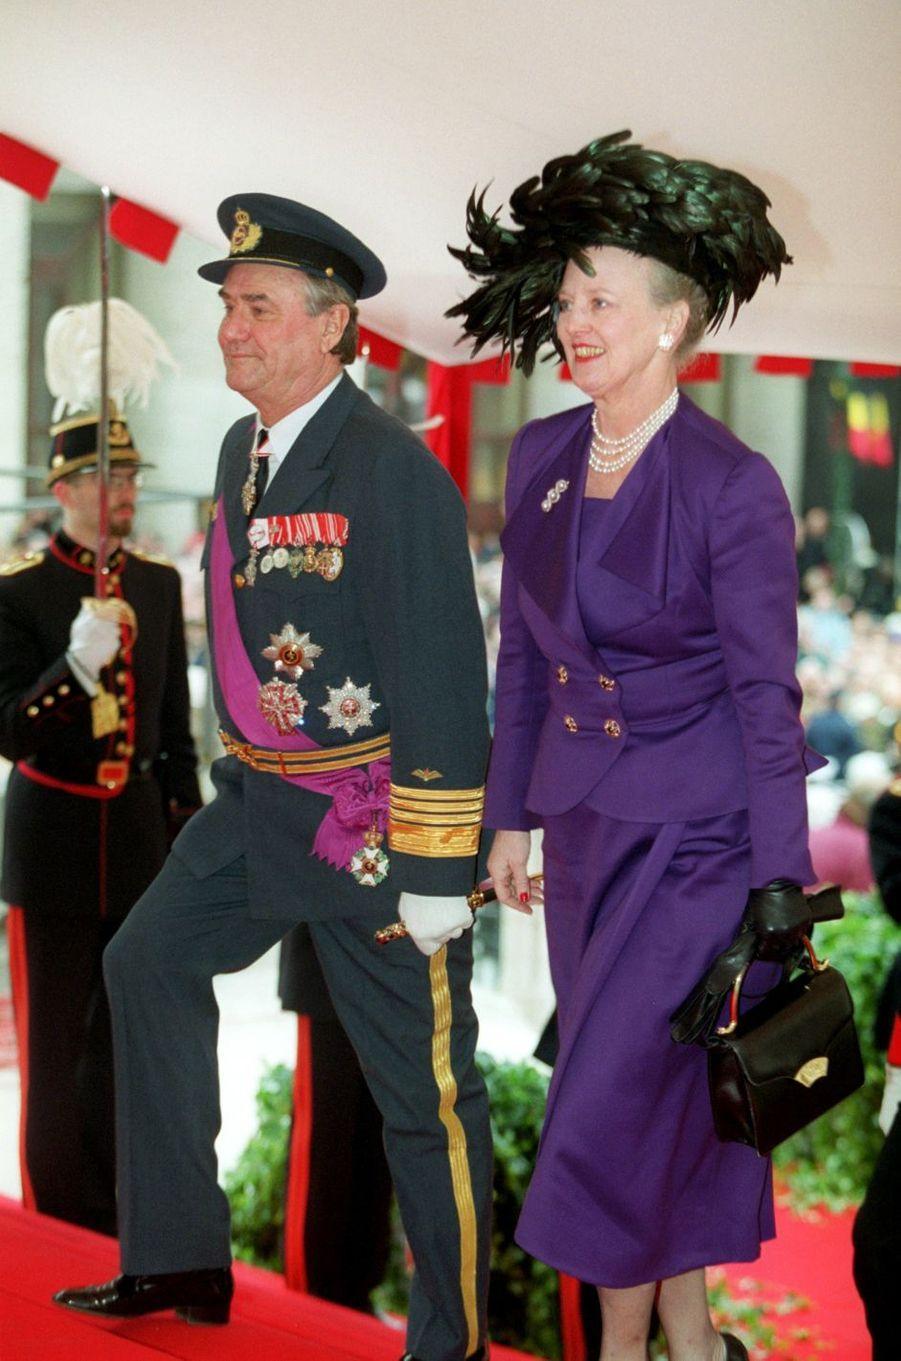 La reine Margrethe II de Danemark et le prince consort Henrik, à Bruxelles le 4 décembre 1999